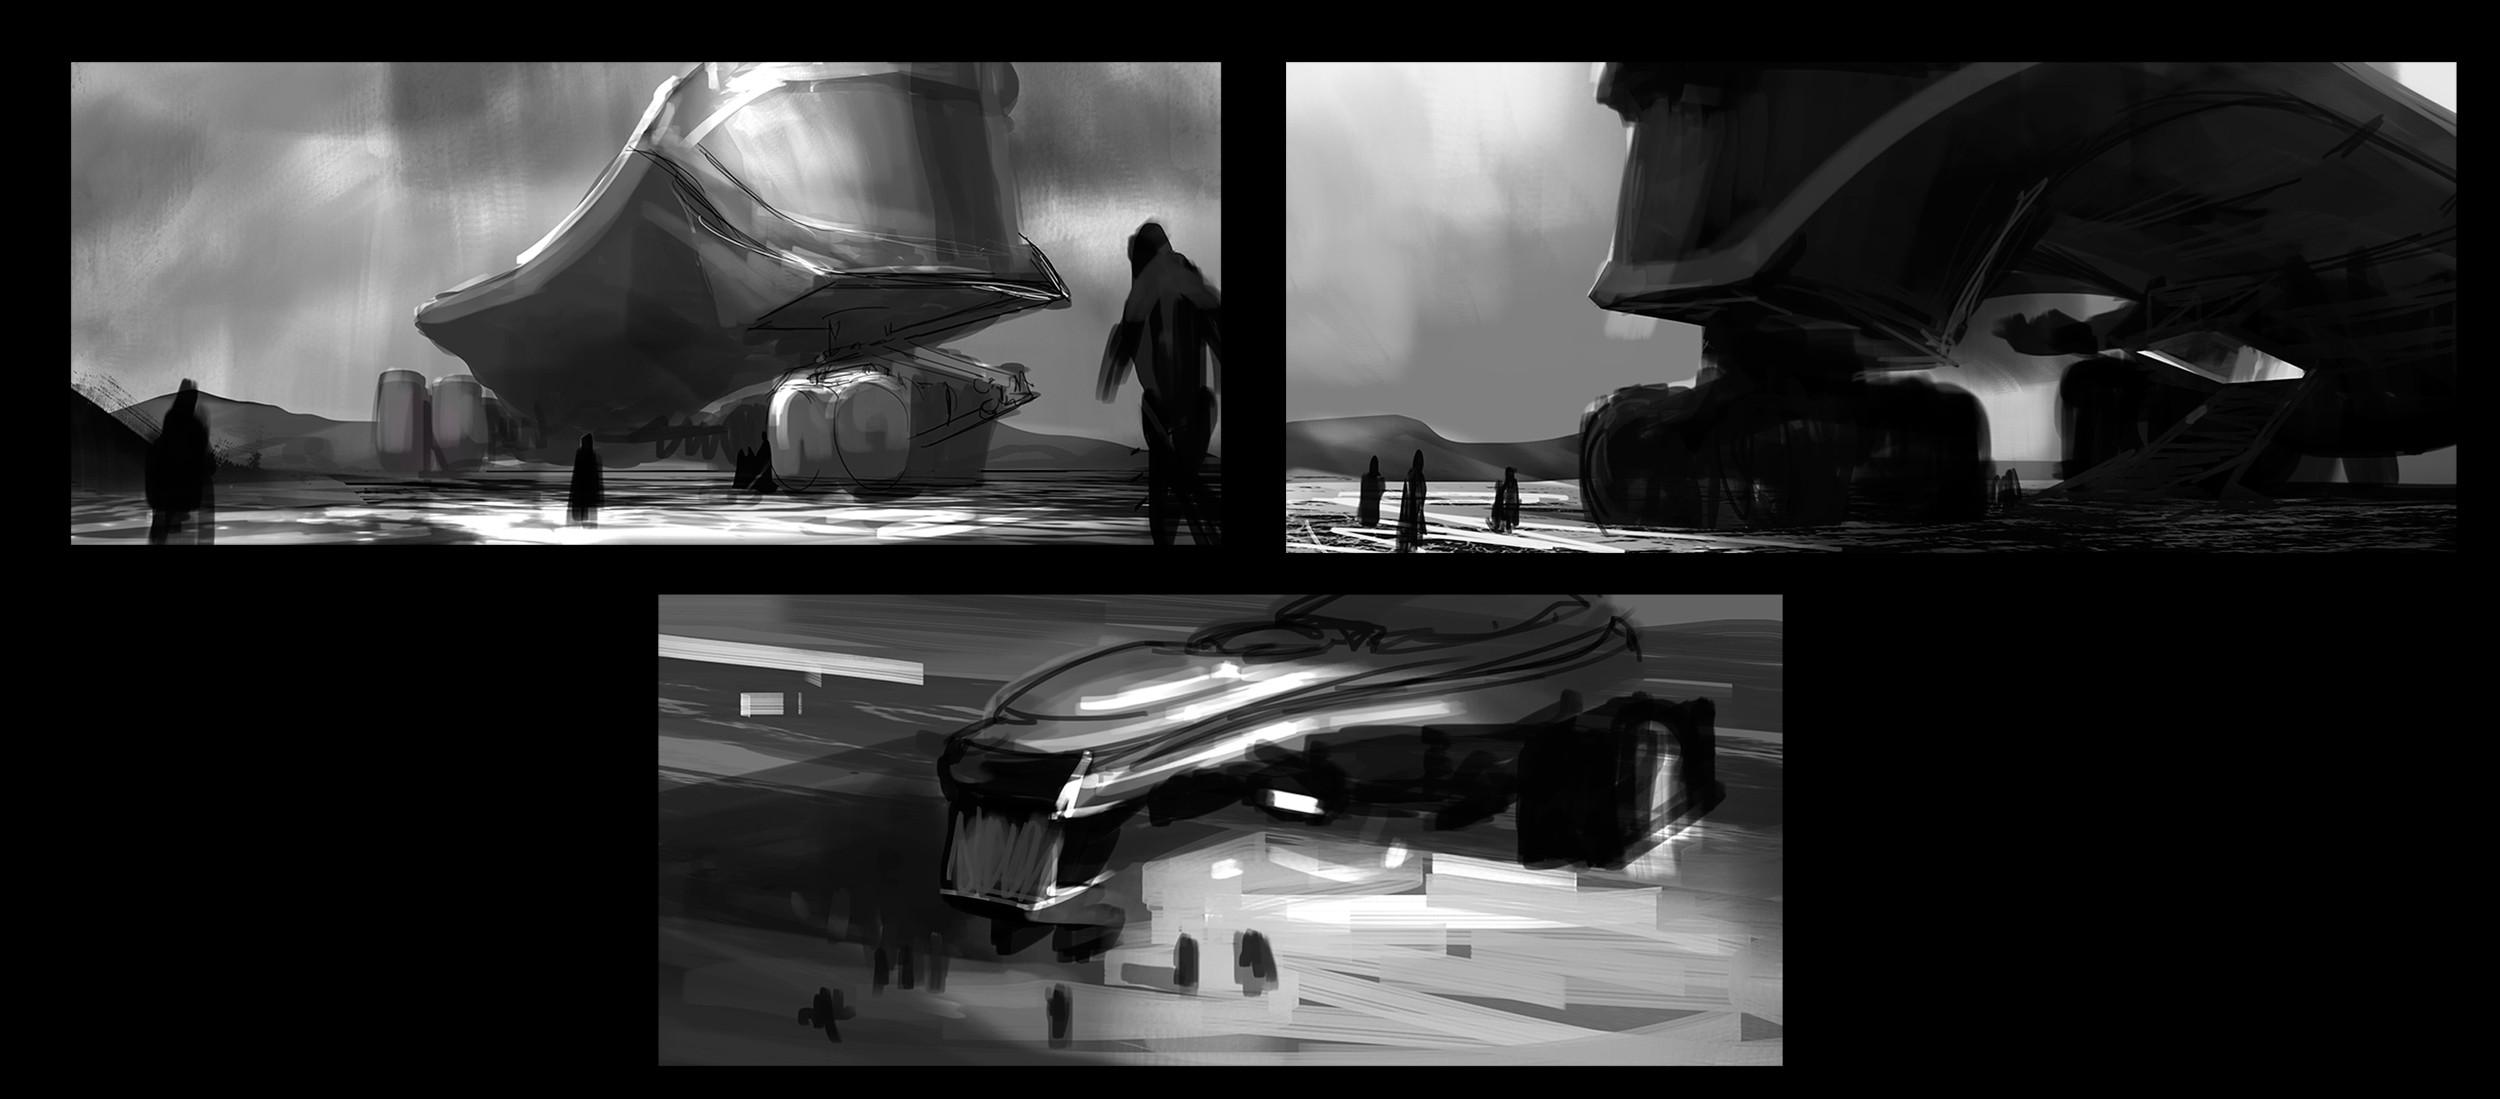 Thumbnail exploration